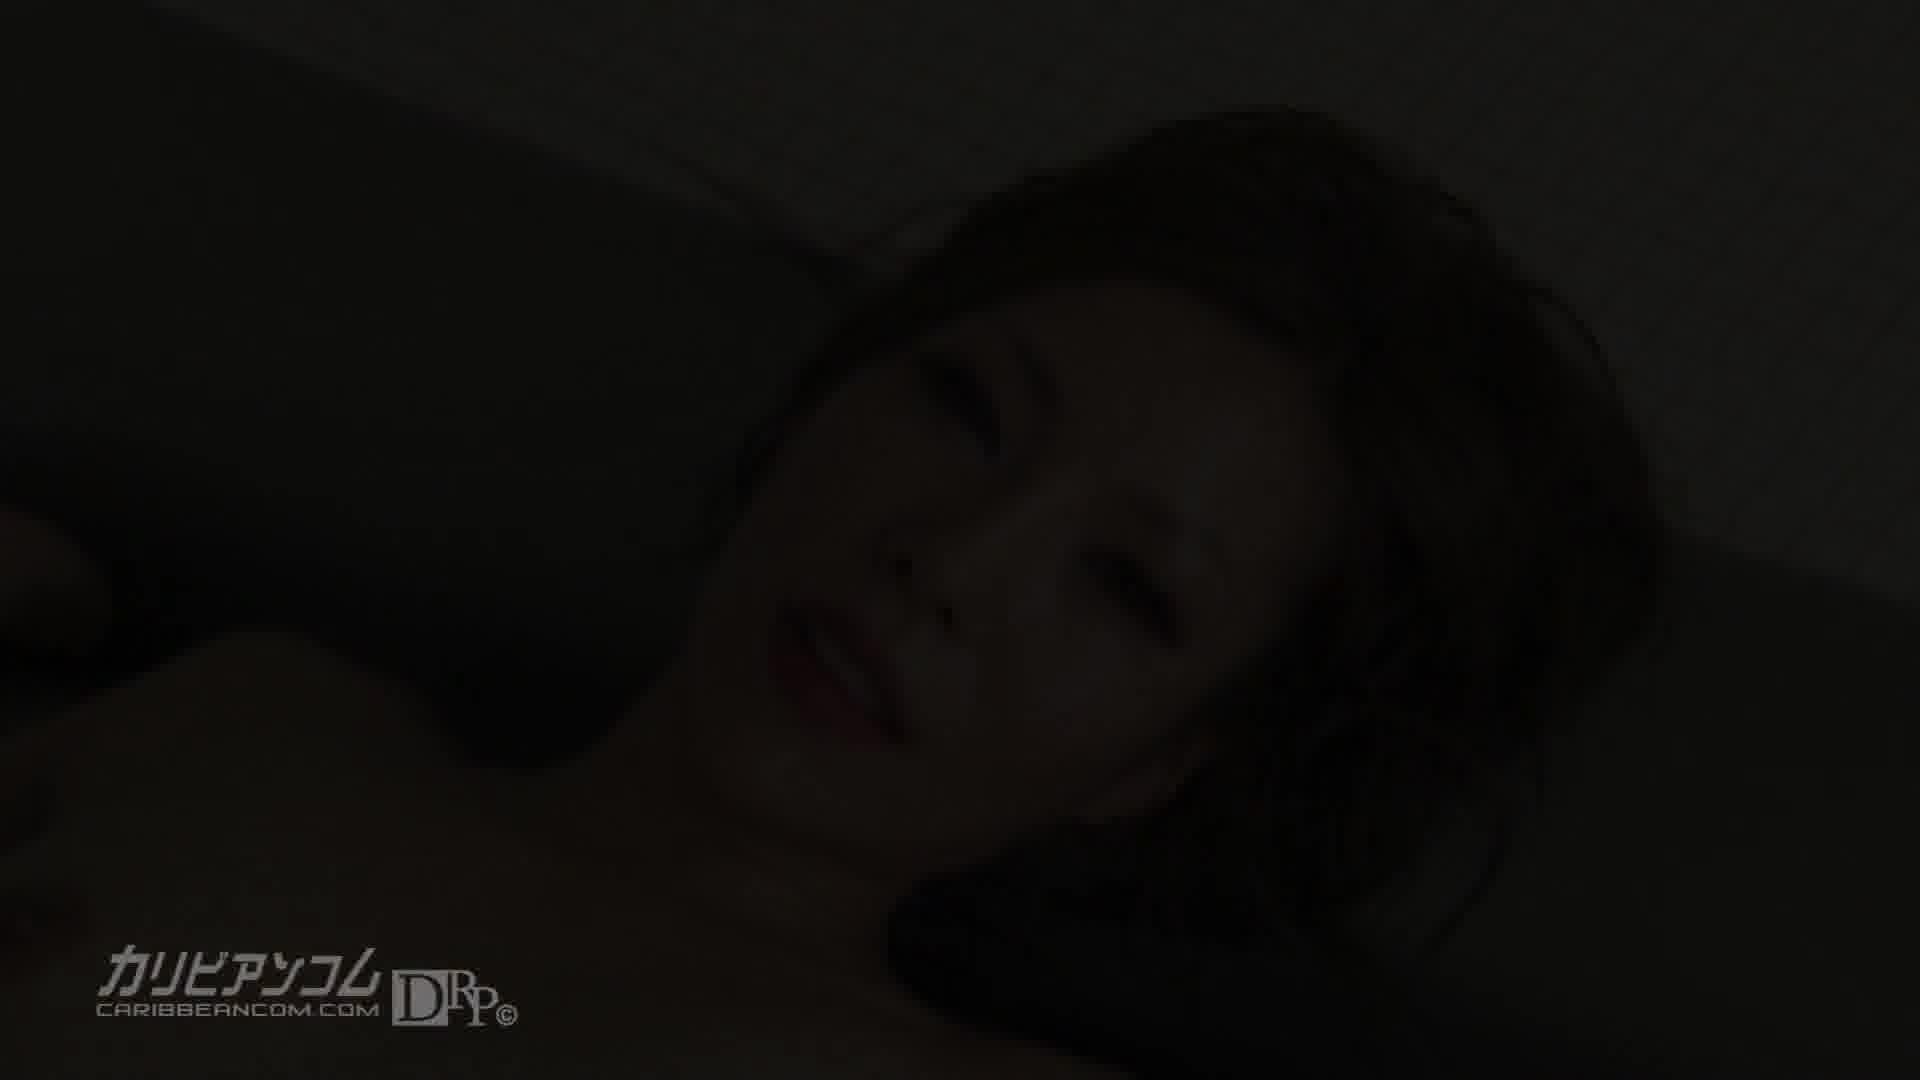 極上泡姫物語 Vol.20 - 宇佐美ルナ【ザーメン・手コキ・スレンダー】